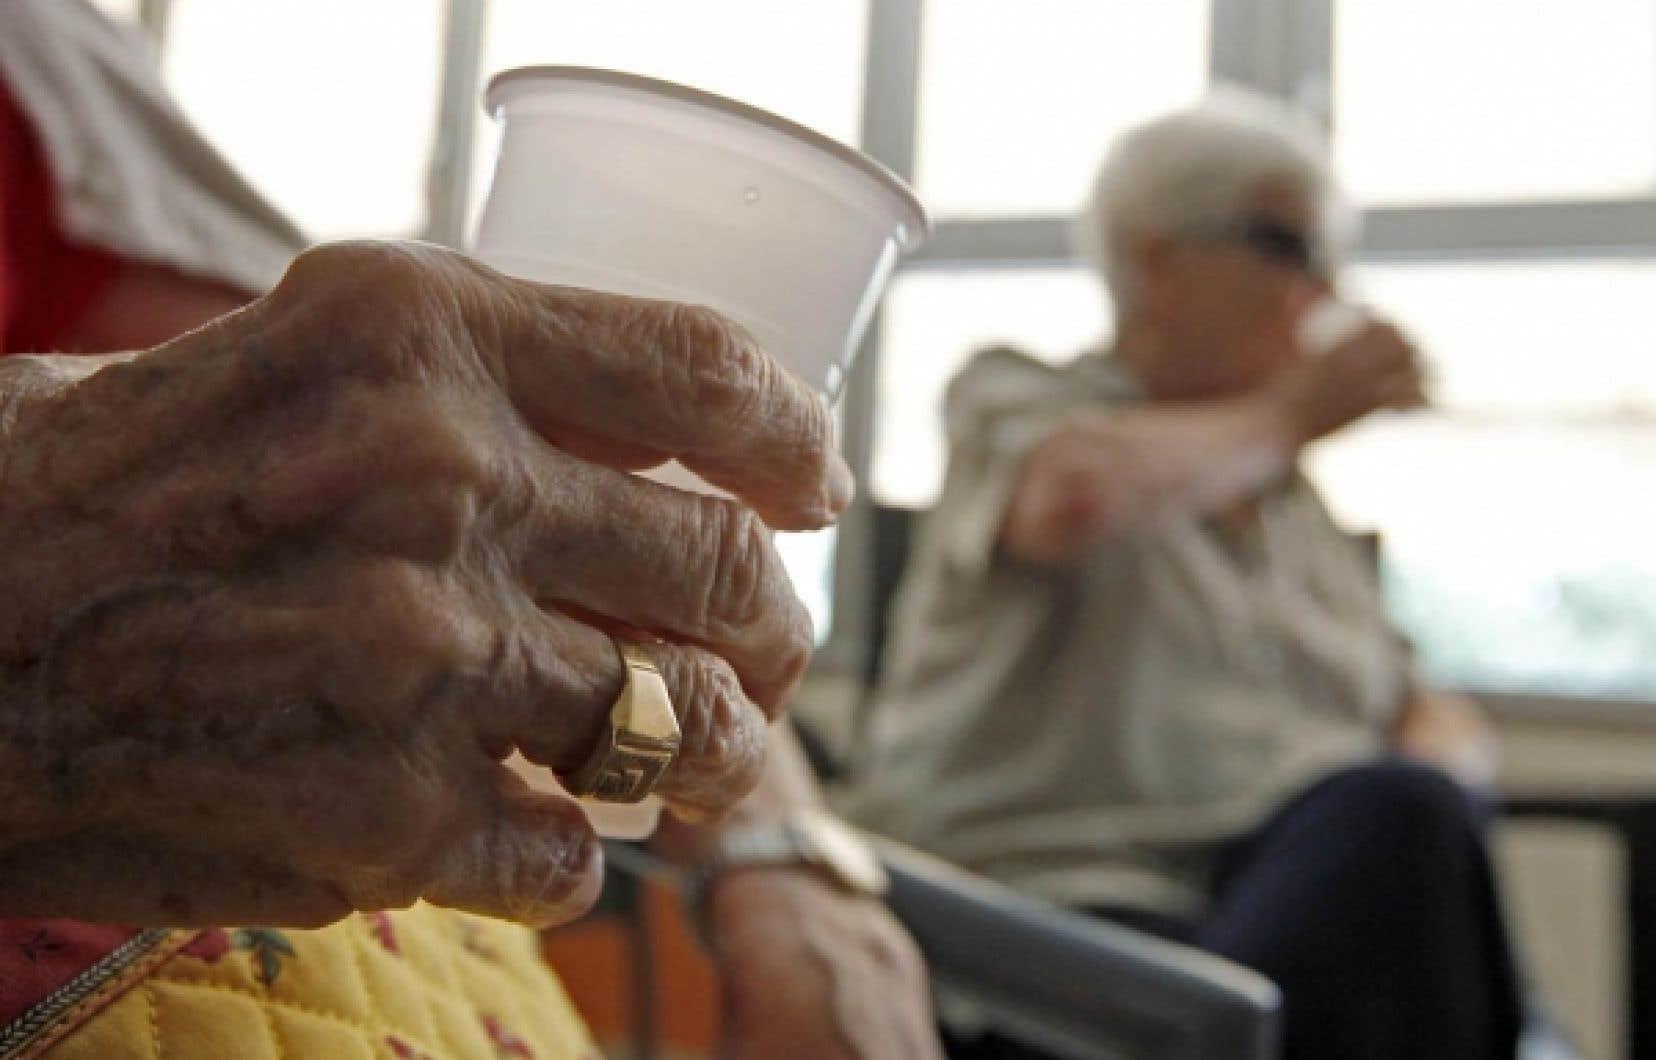 Willard Wilson, 94 ans, est décédé en janvier 2009 des suites de brûlures provoquées par une chute dans un bain trop chaud. La famille affirme que cette mort «violente» est la deuxième à survenir dans des circonstances similaires au CHSLD du Manoir-de-l'Ouest-de-l'Île, à Pierrefonds.<br />